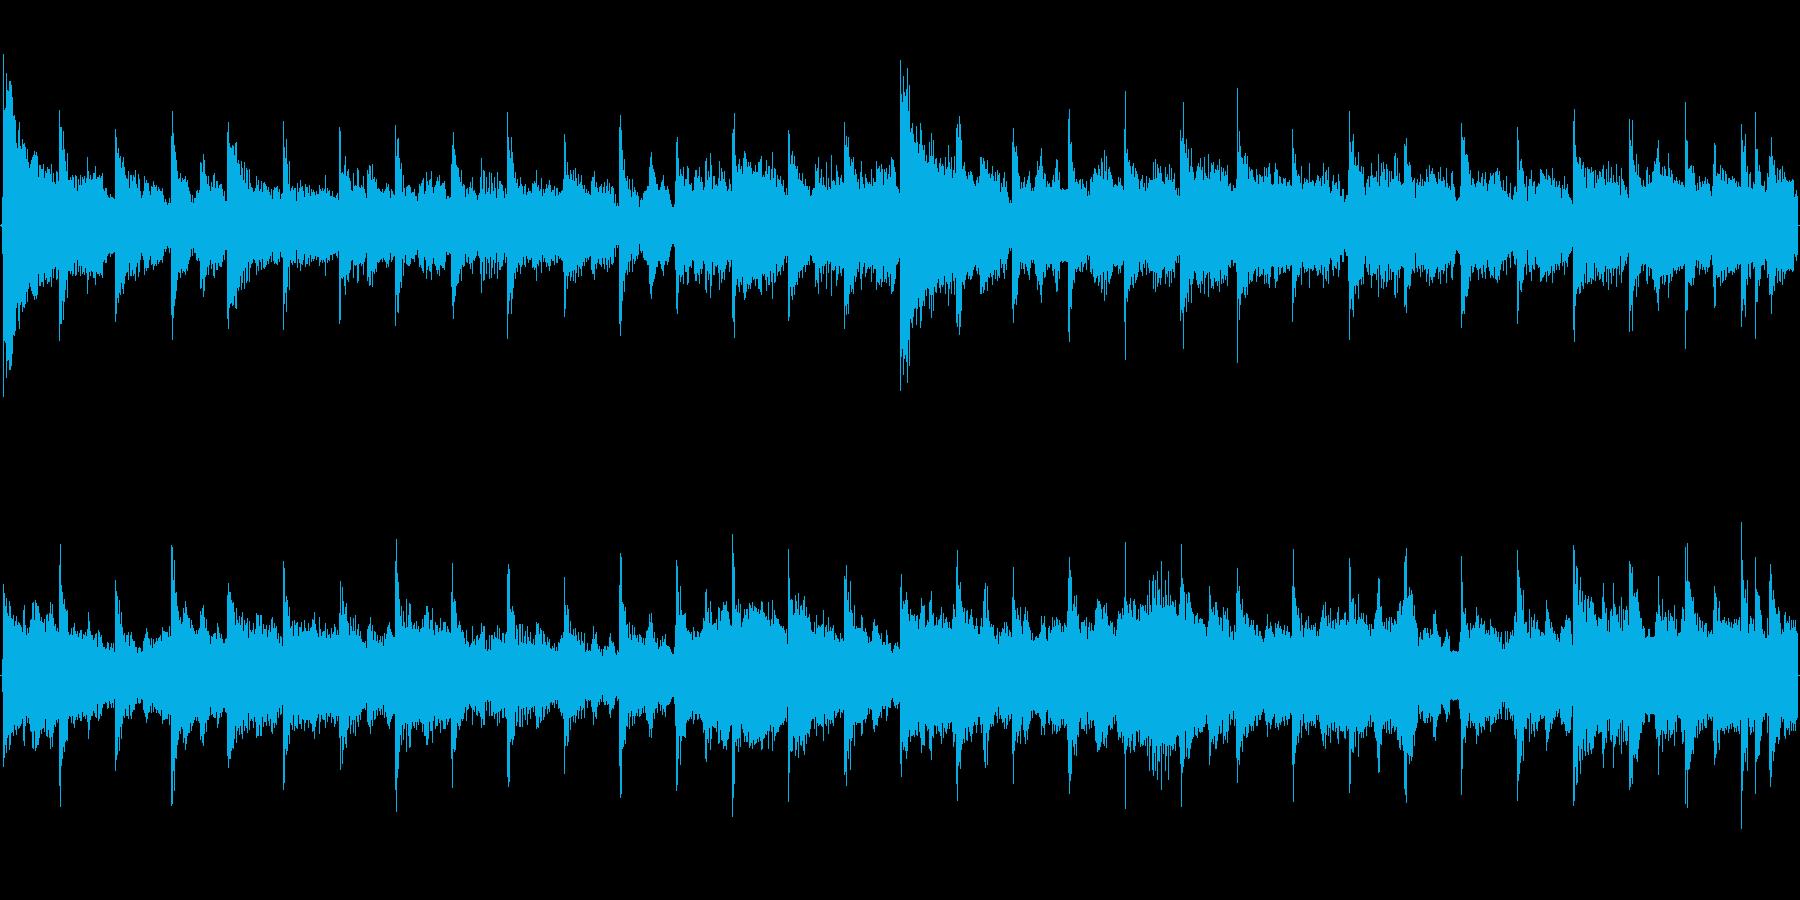 【15秒イントロループ】華やかなベル曲の再生済みの波形